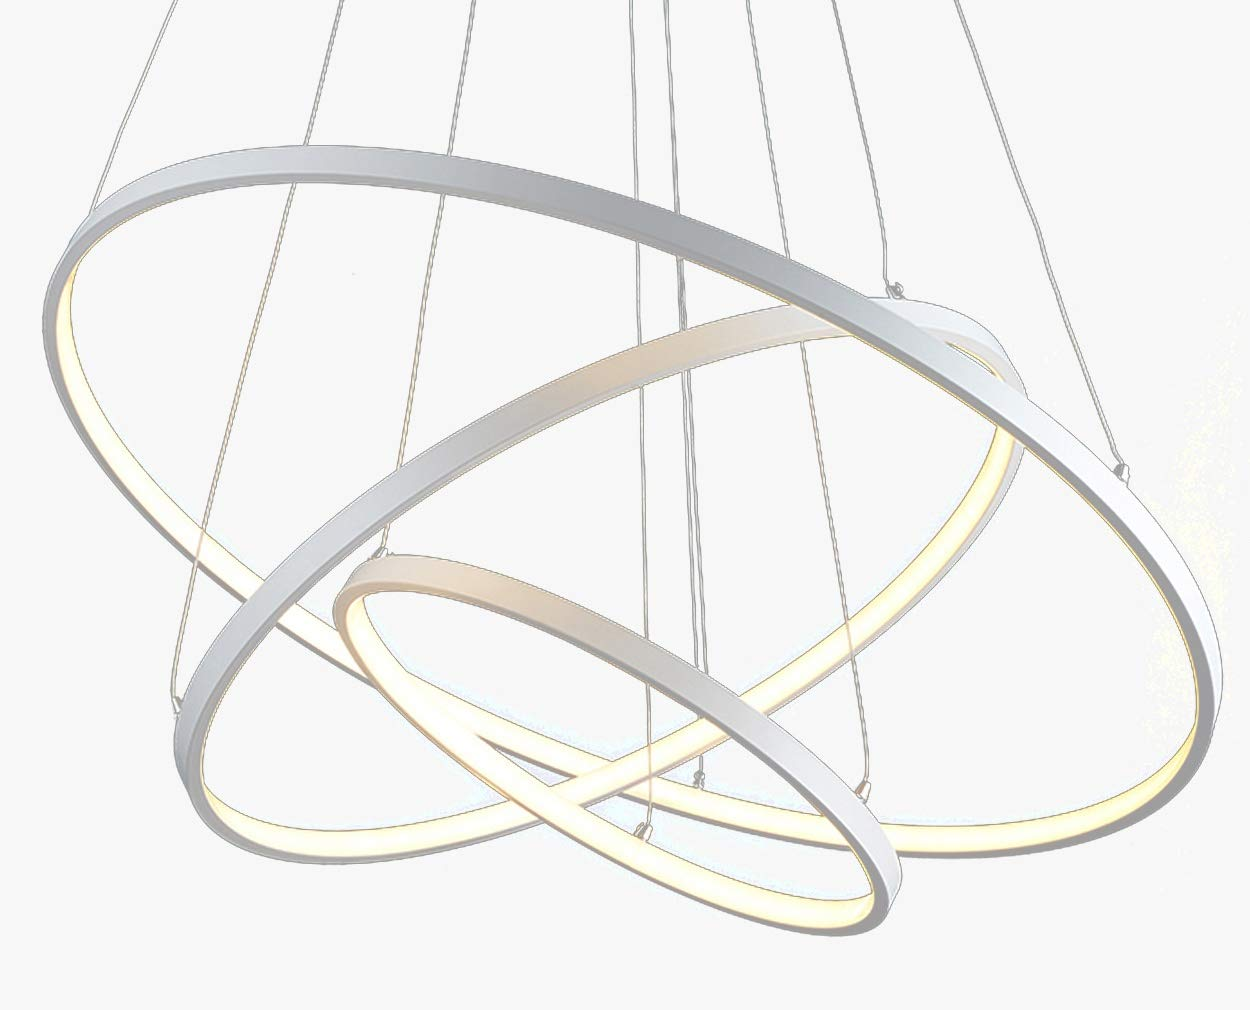 Moderne LED Pendelleuchte Esstisch Hängeleuchte 95W 3-Ring dimmbar Pendellampe Pendellampe Pendellampe Runde Aluminium Wohnzimmer Deckenleuchte Schlafzimmer Hängelampe Kronleuchter mit Fernbedienung, 30+50+70cm 3cc9d1